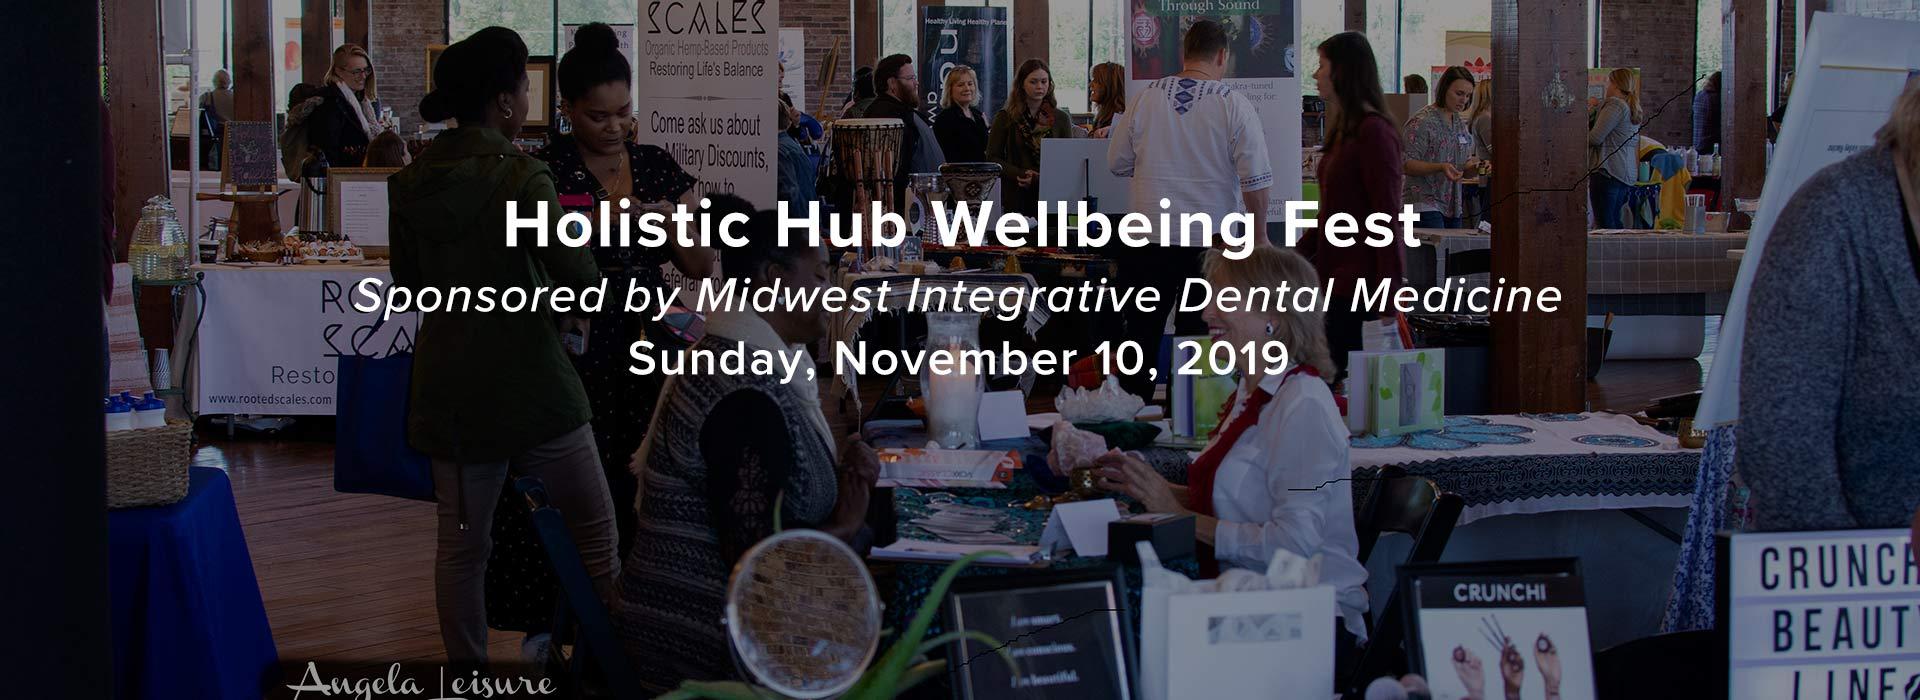 Indy Holistic Hub Wellbeing Fest